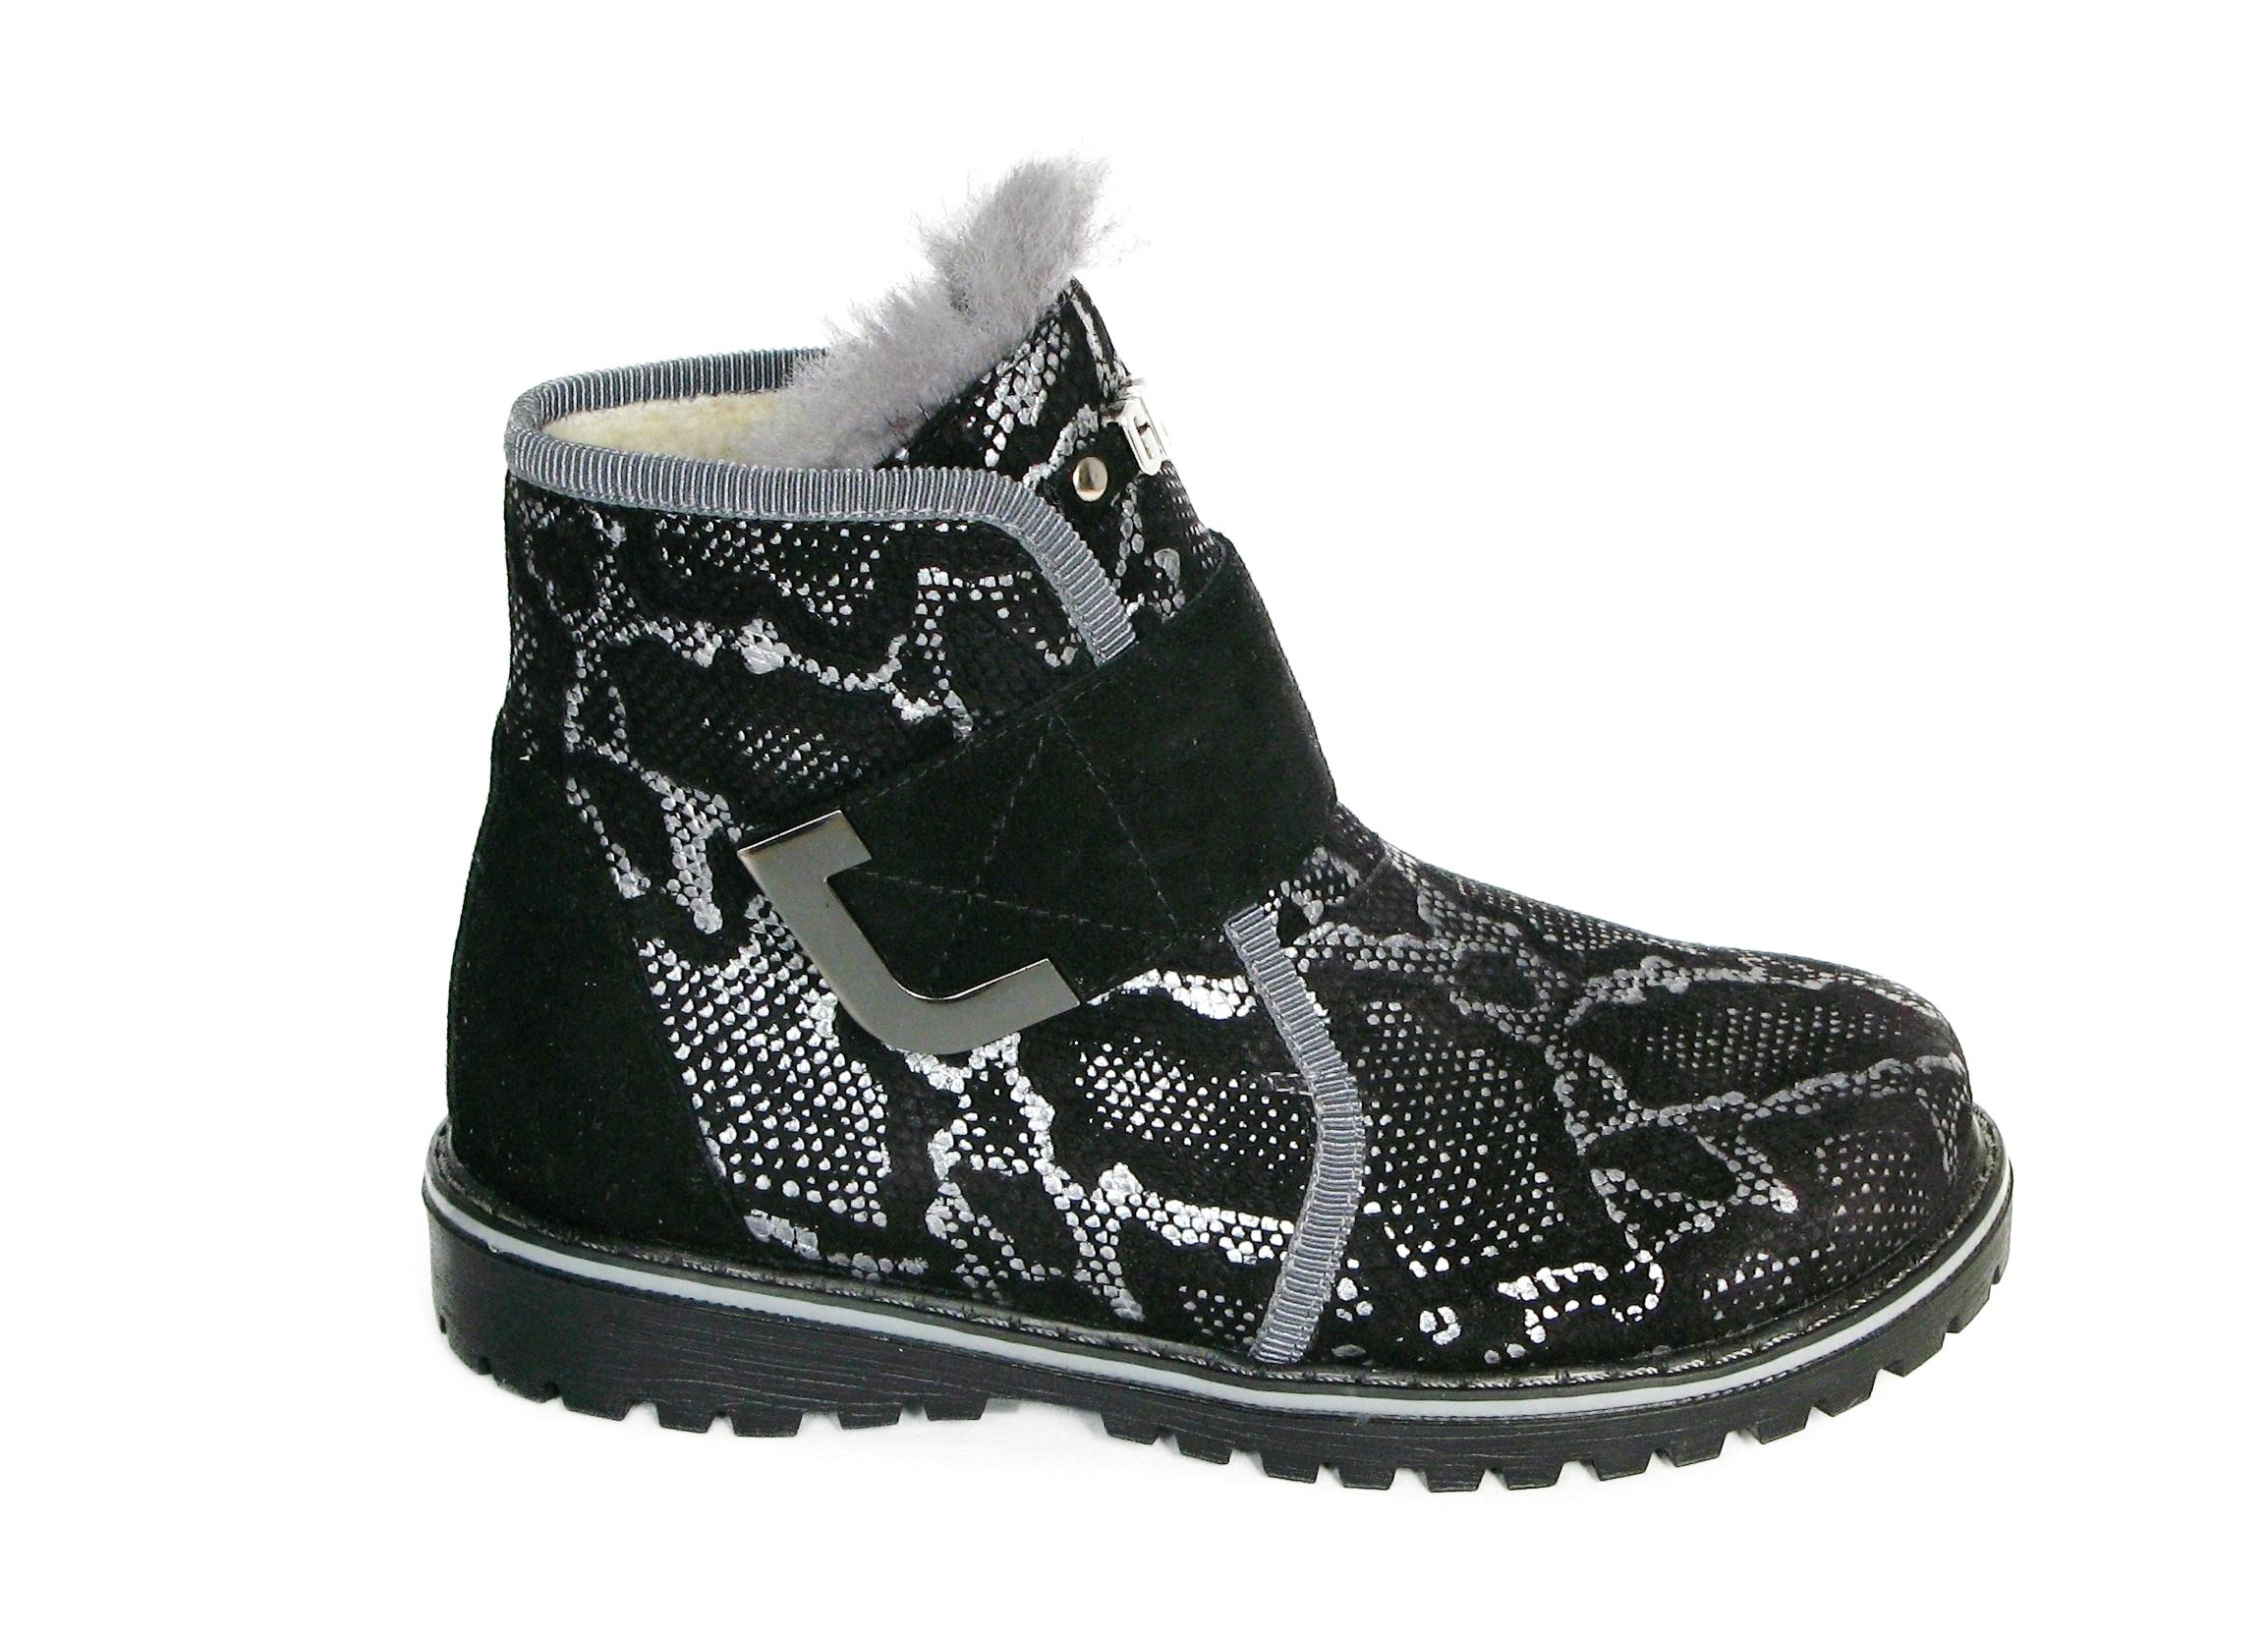 fbe9ef7ee Сапоги с мехом купить в розницу - Товары - Брендовая обувь ...